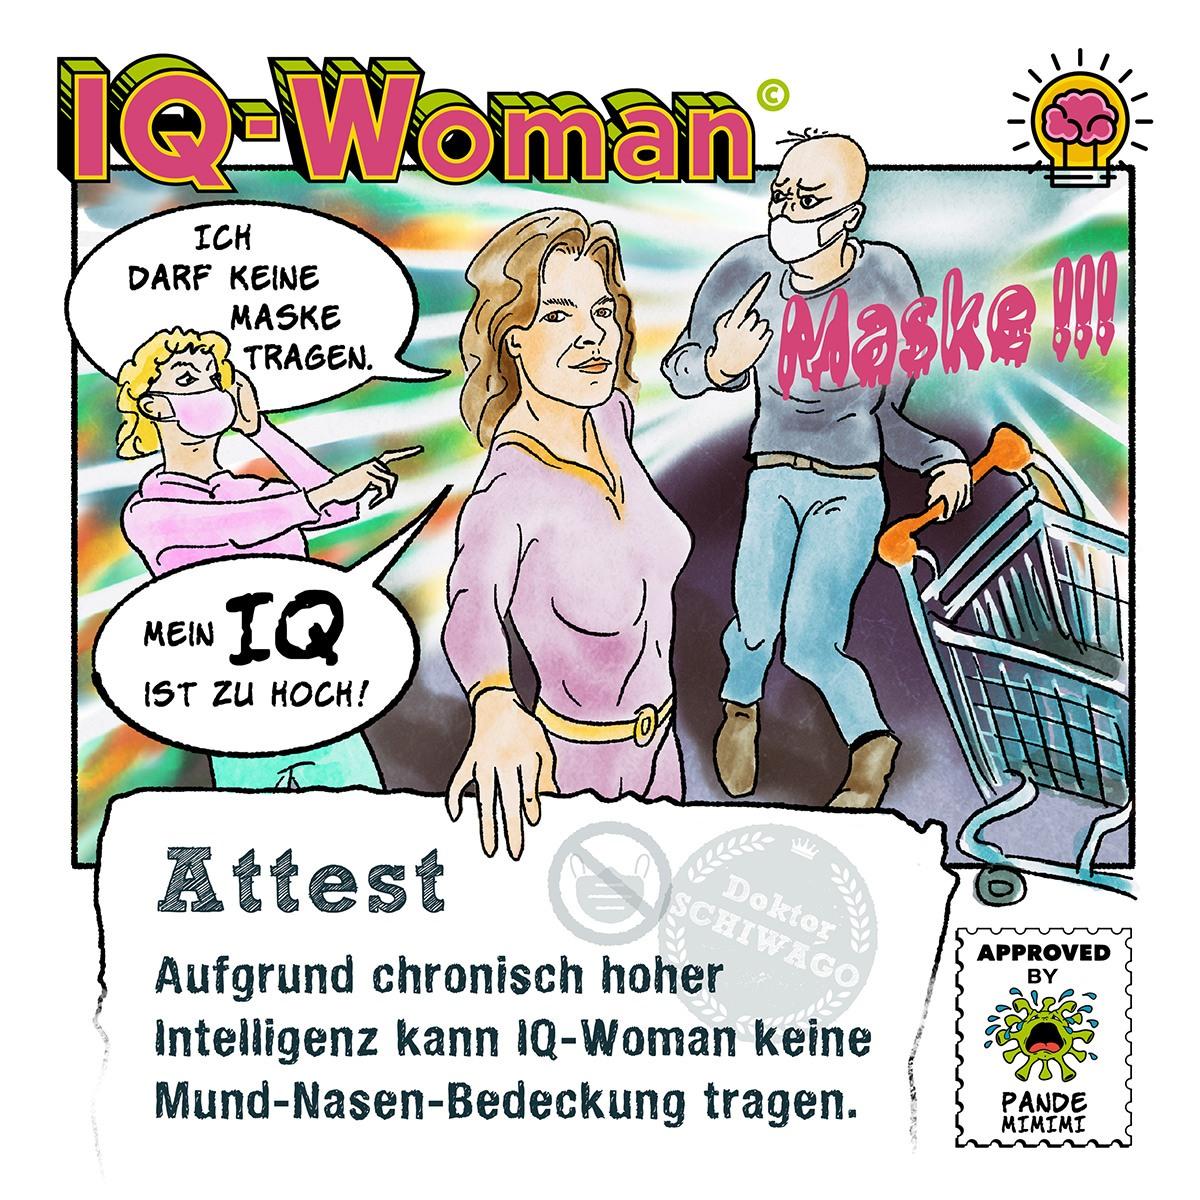 IQ-Woman, 01.10.2020